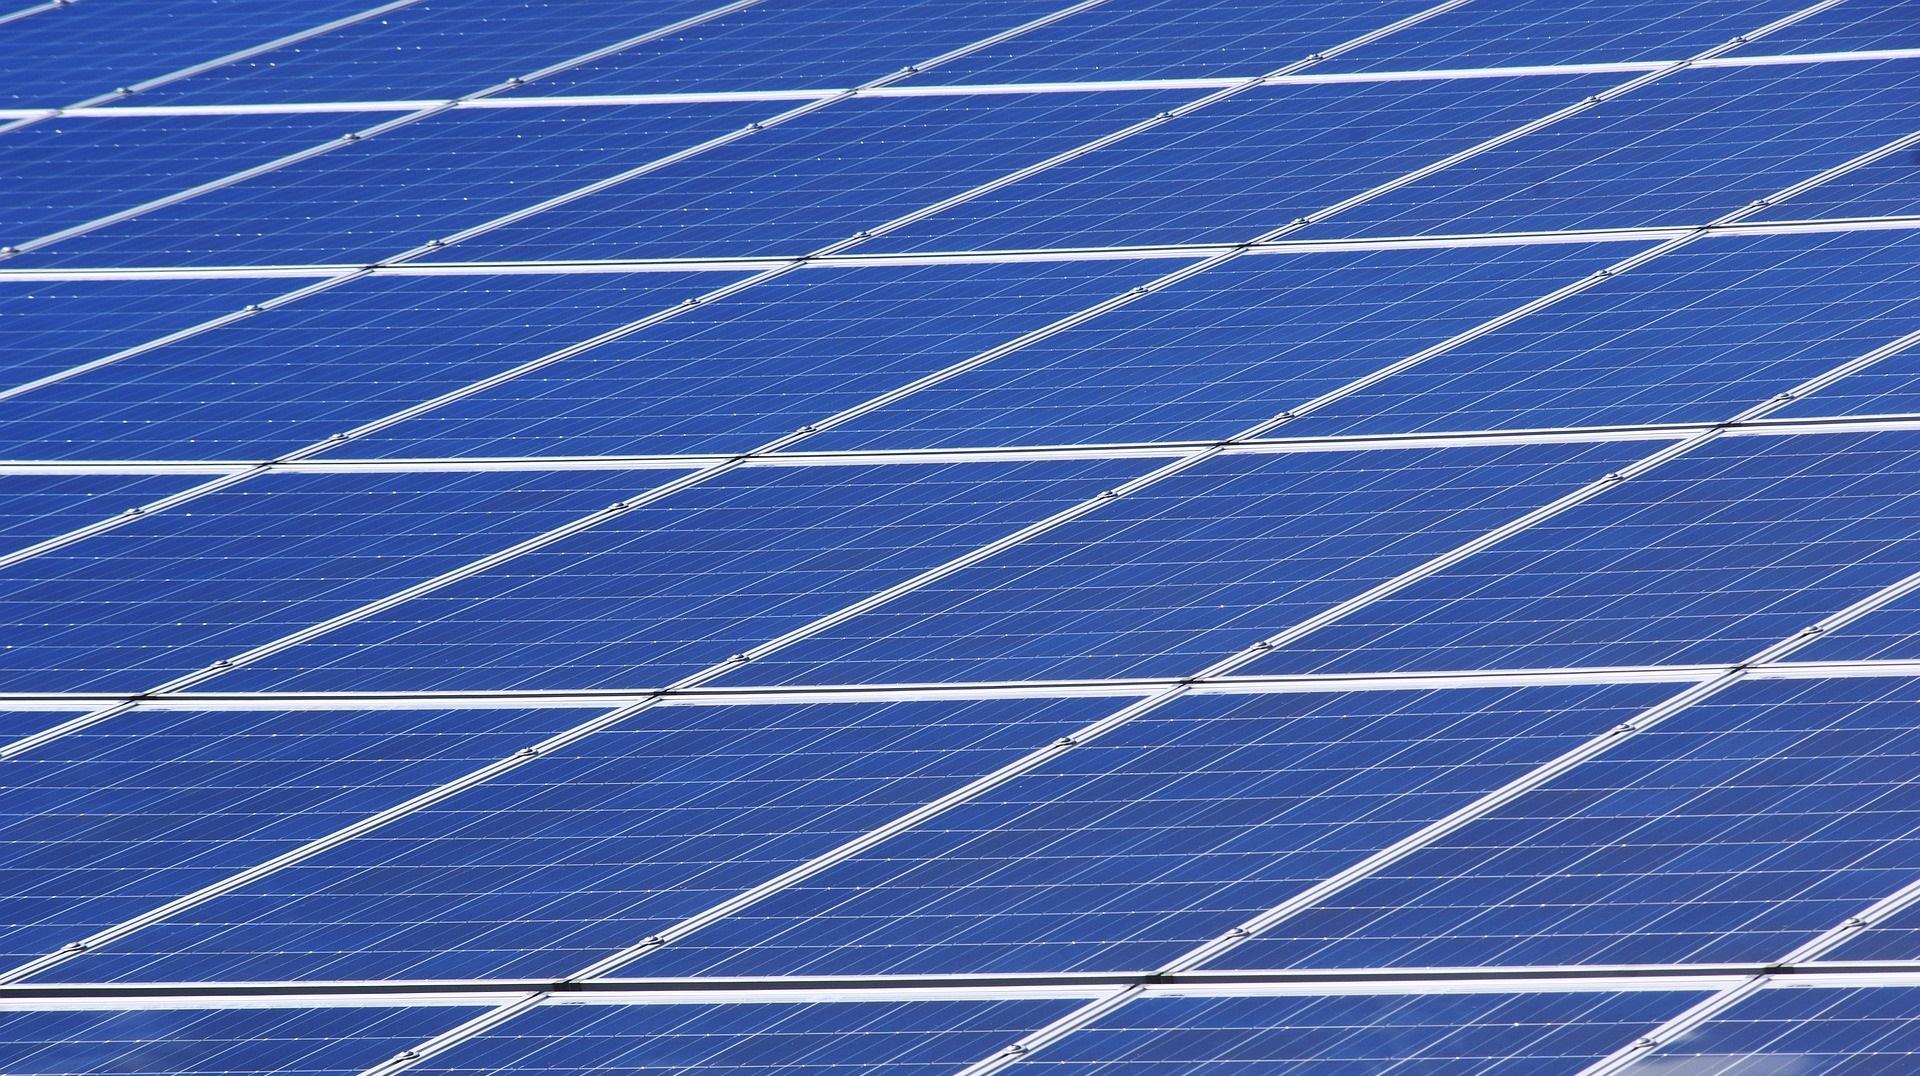 Logran un nuevo récord de eficiencia en paneles solares